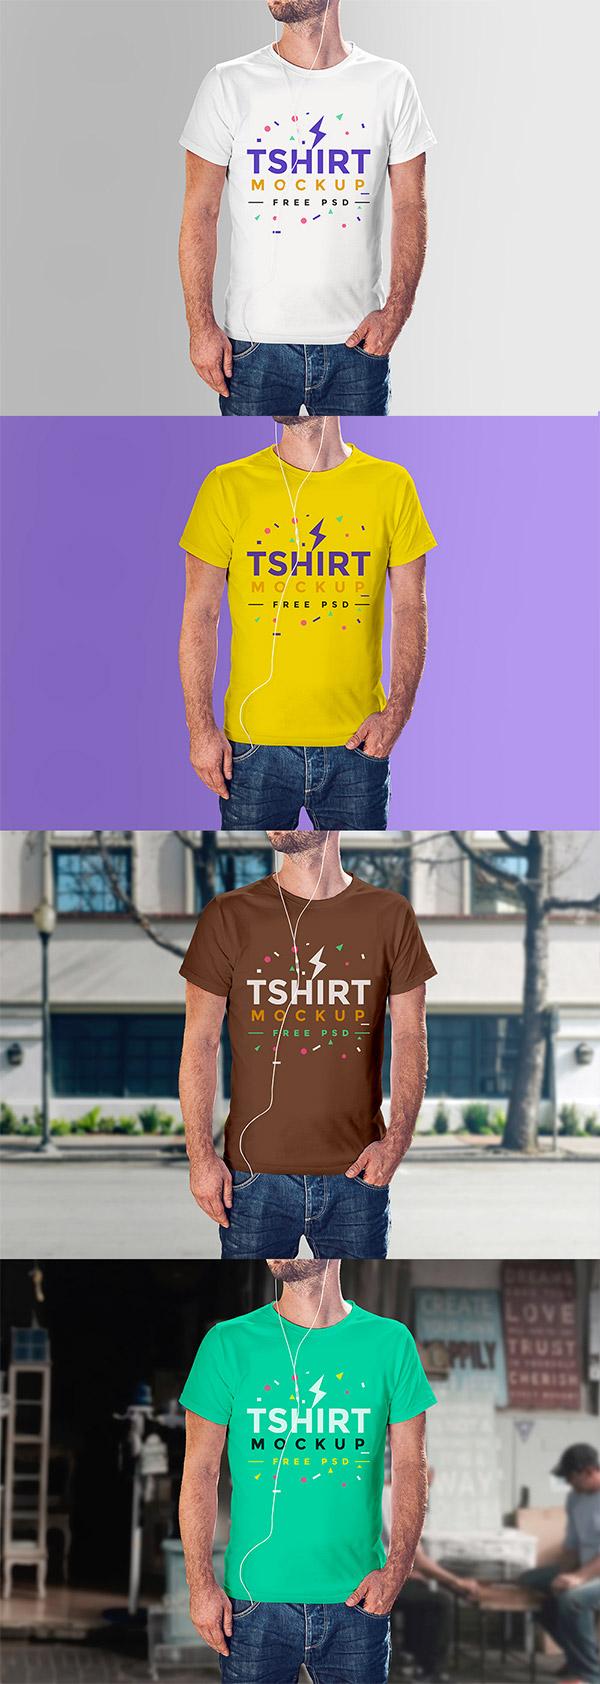 modern shirt psd